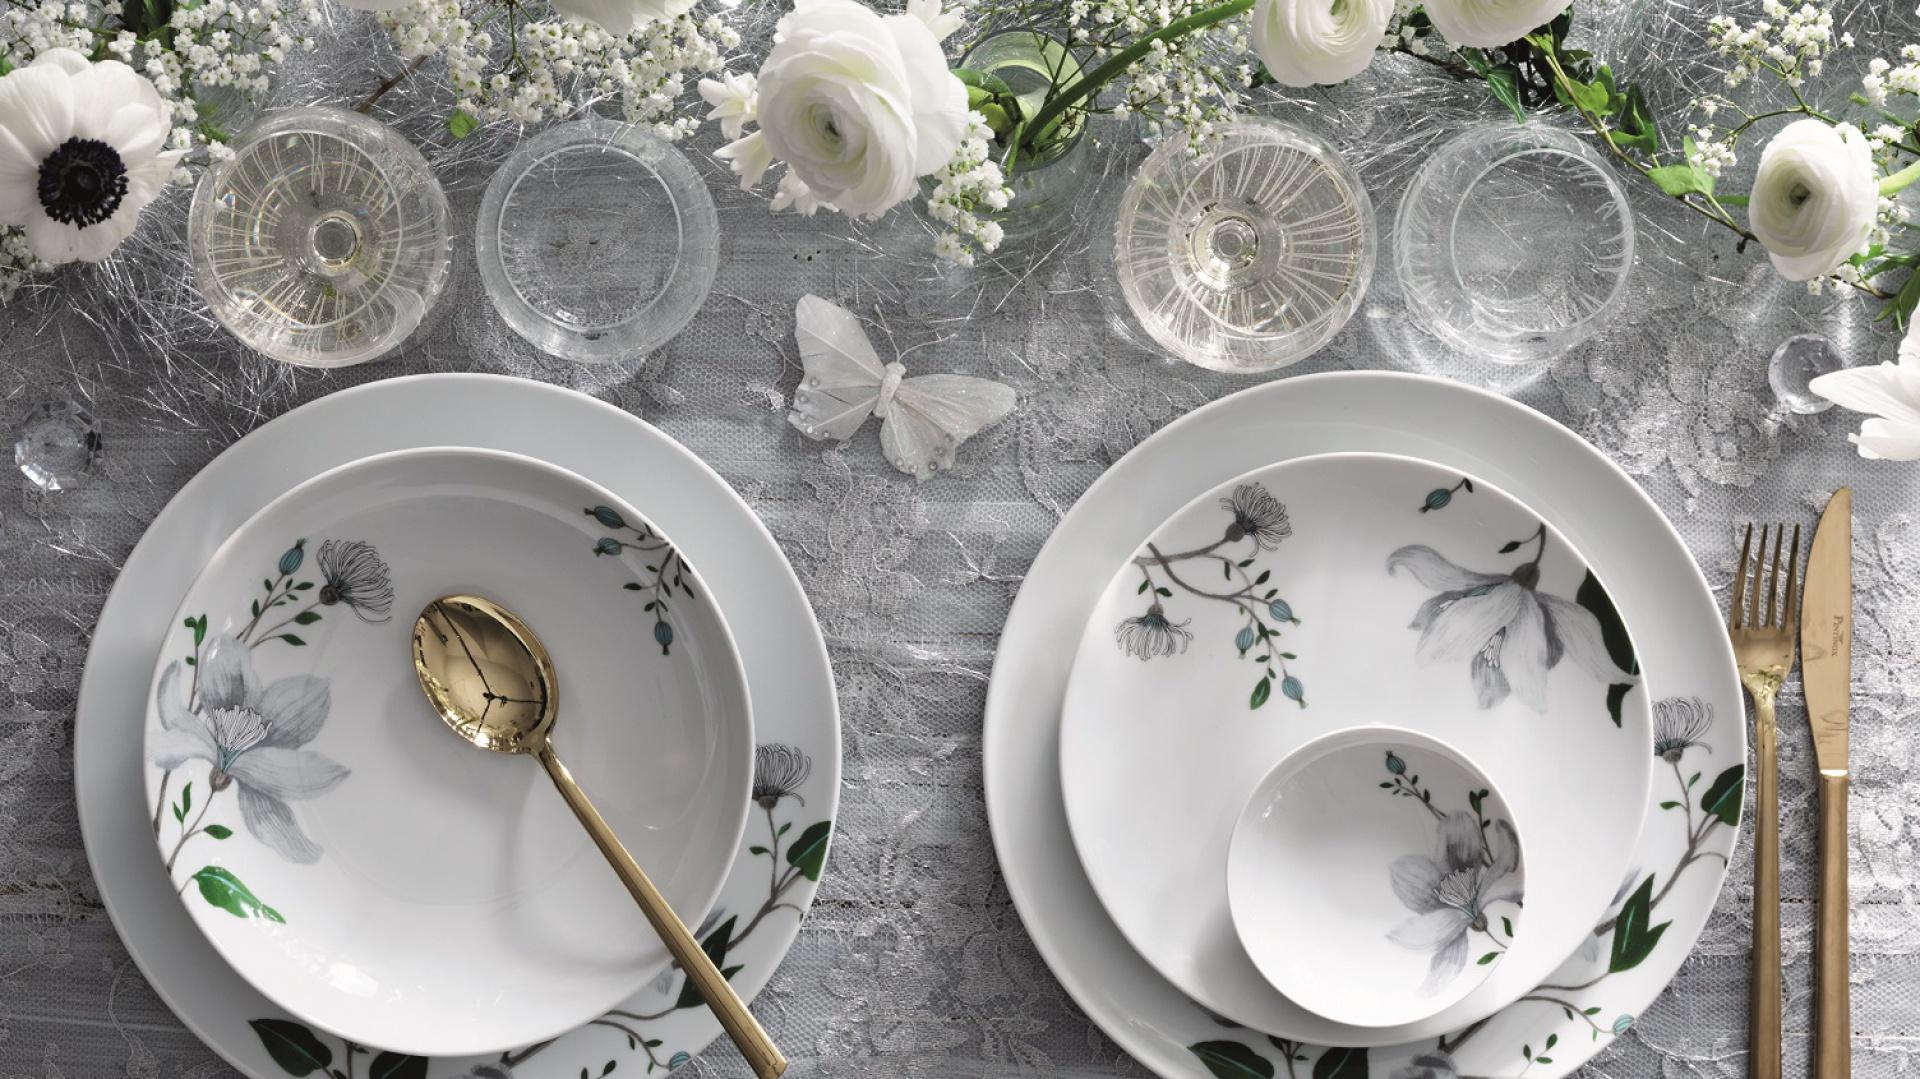 Piękna porcelana - serwis Clematis. Fot. Fyrklövern